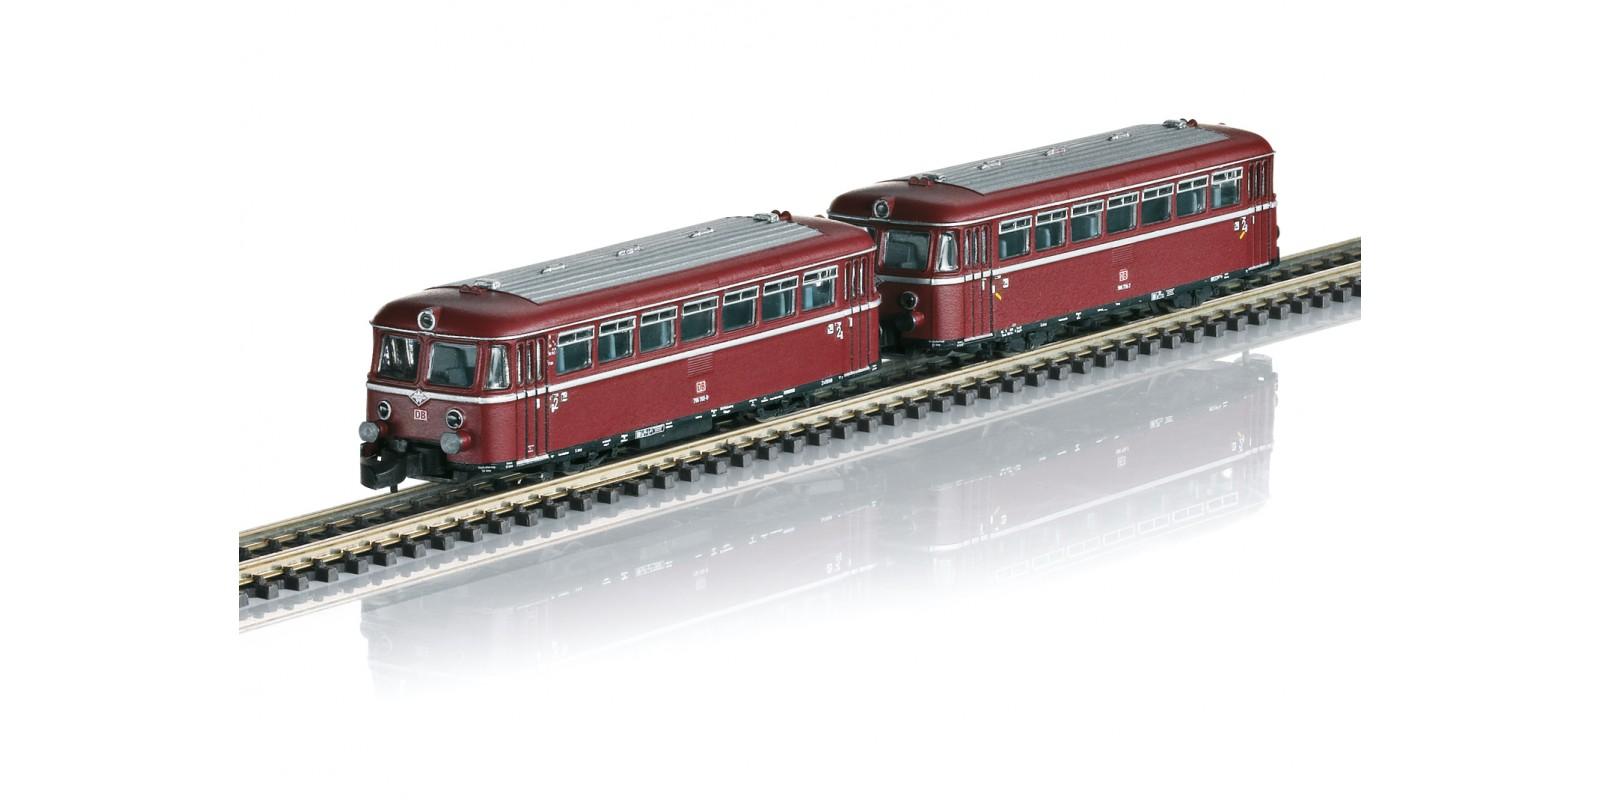 088168 Rail Bus with Trailer Car